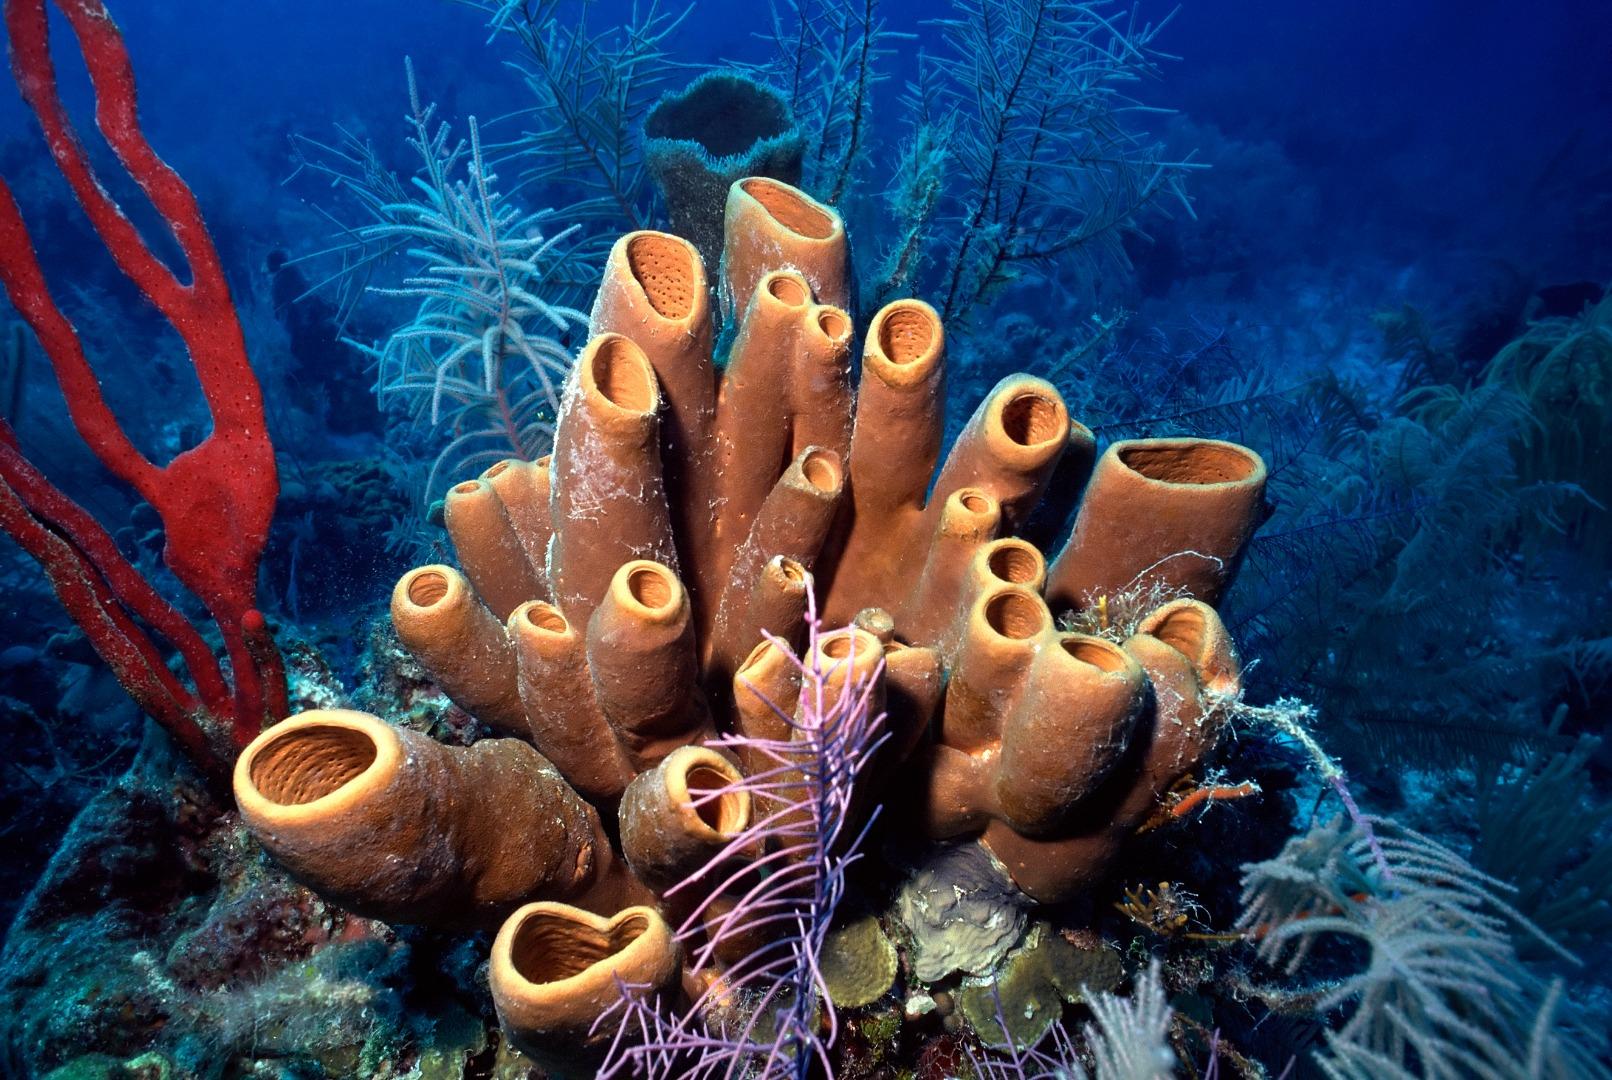 Sponges help scientists detect waterborne DNA